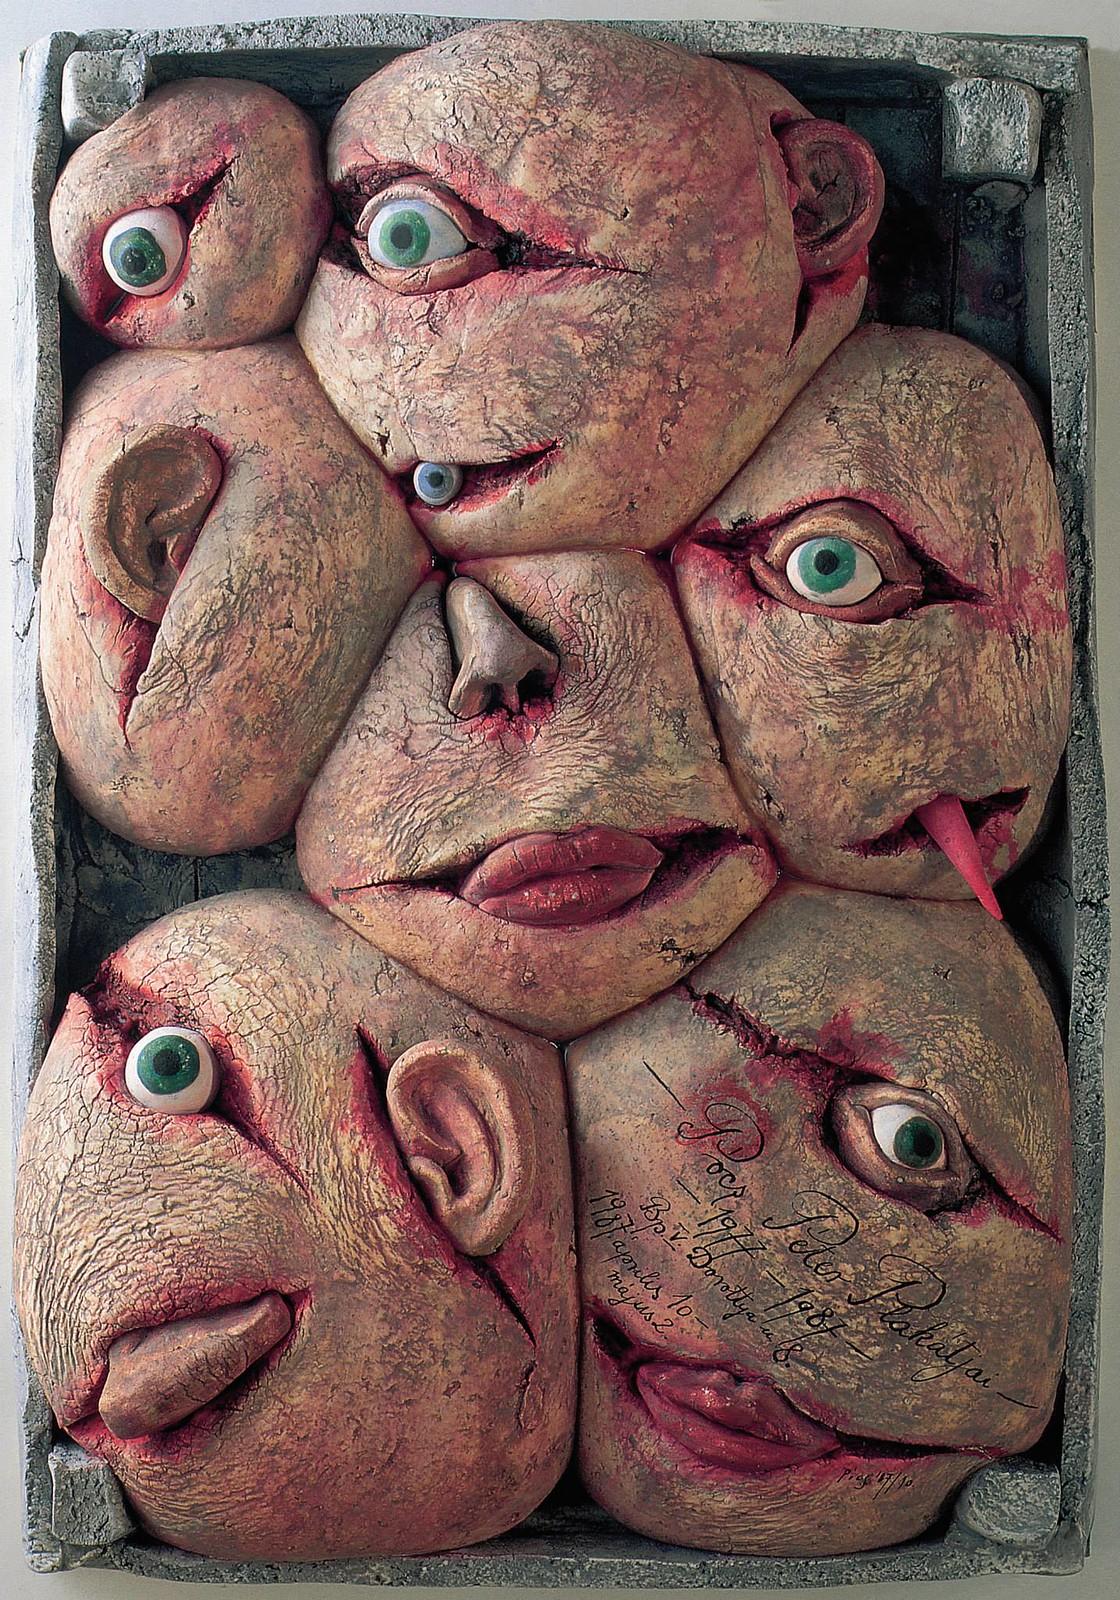 Péter Pócs - A Squished Nighmare, 1987